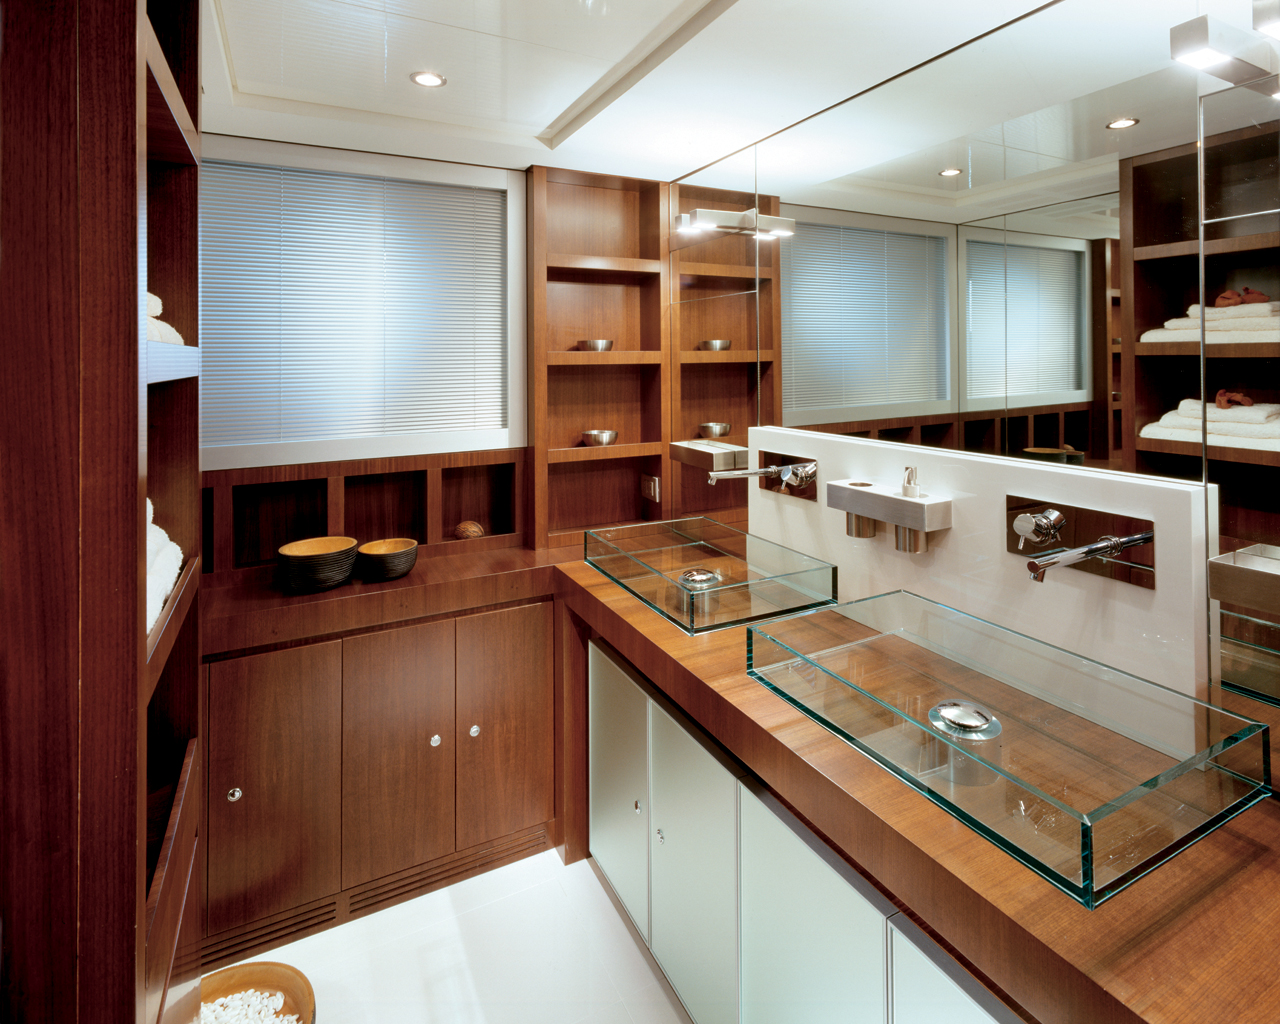 yacht-kitchen-interior-idea yacht kitchen interior idea